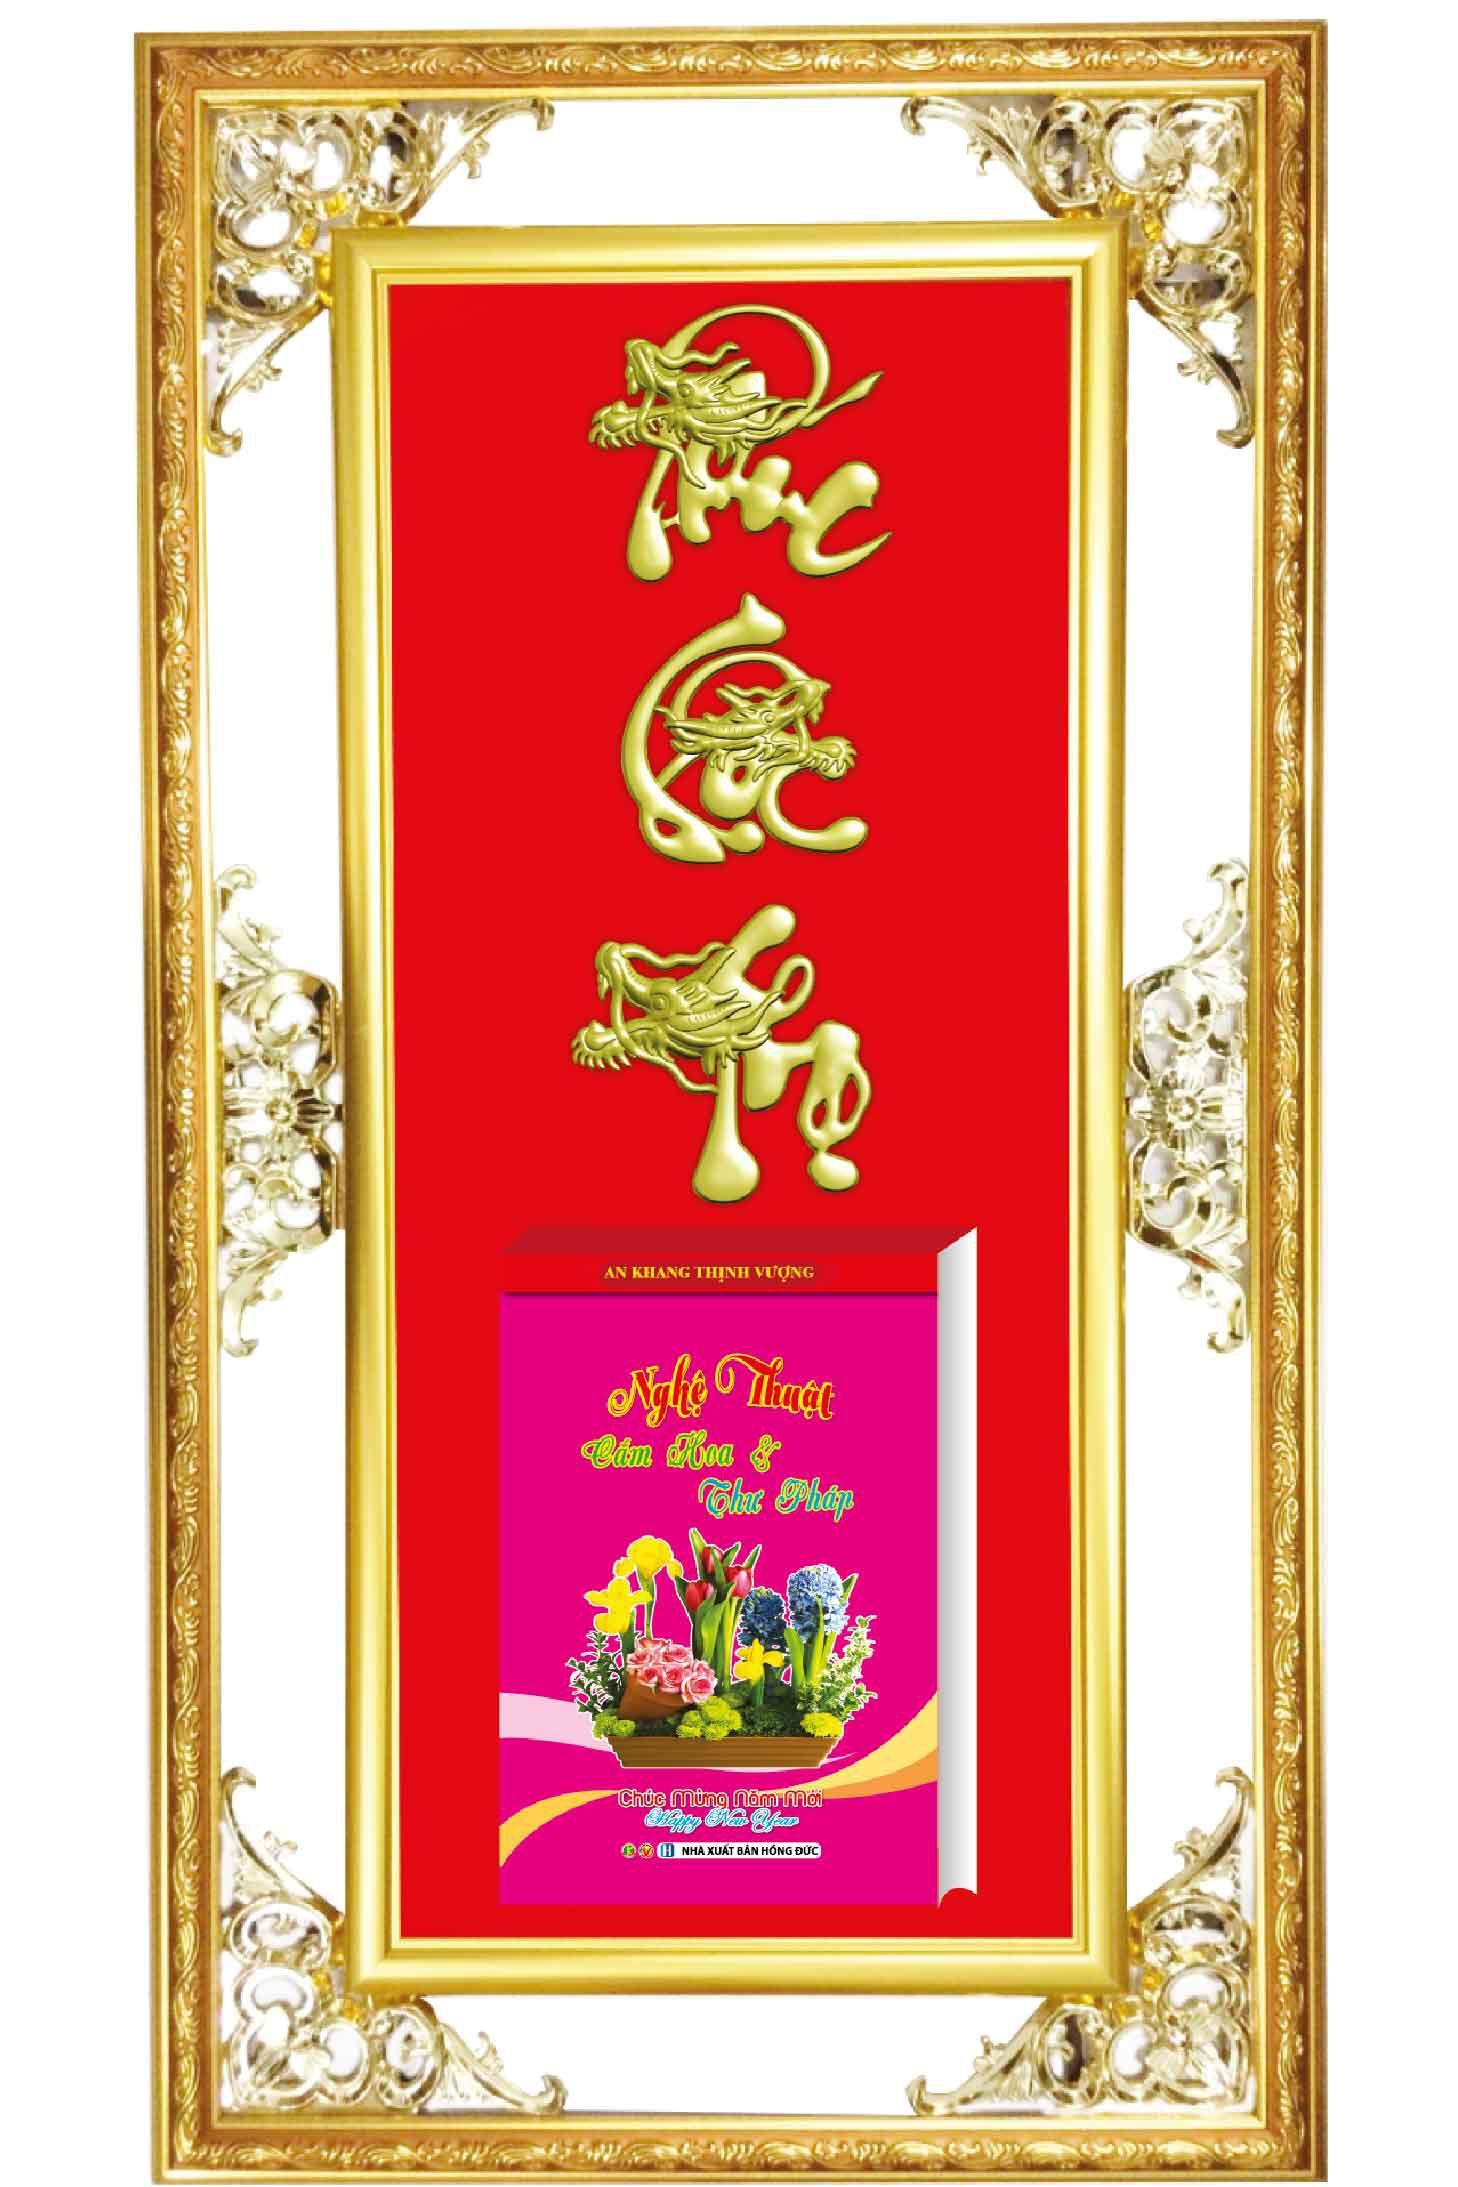 KV355 - Bìa Treo Lịch 2018 Khung Dán Chữ Nổi (24.3 x 59 cm) - Khung Vàng Phúc Lộc Thọ - EBOOK/PDF/PRC/EPUB